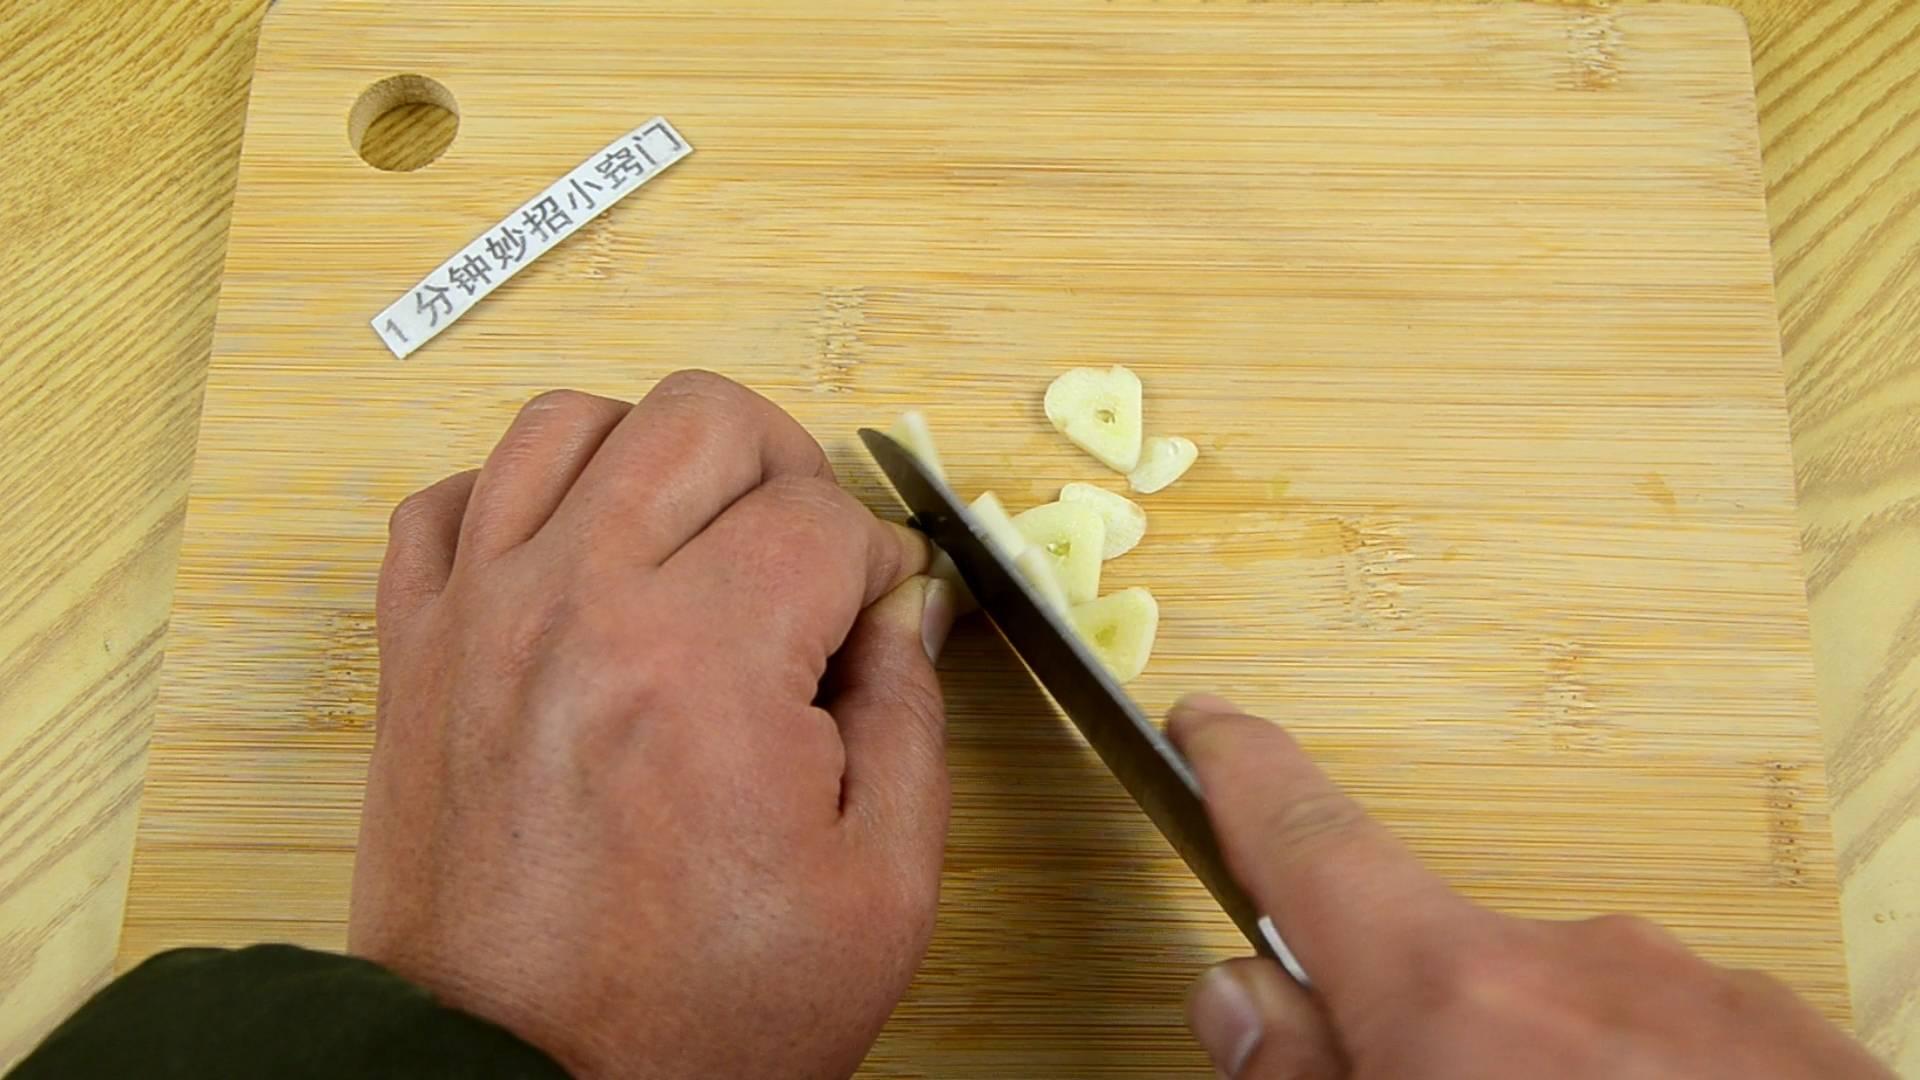 虾皮以后就这样吃了,实在是简单,连平时不会炒菜的人看了也会做